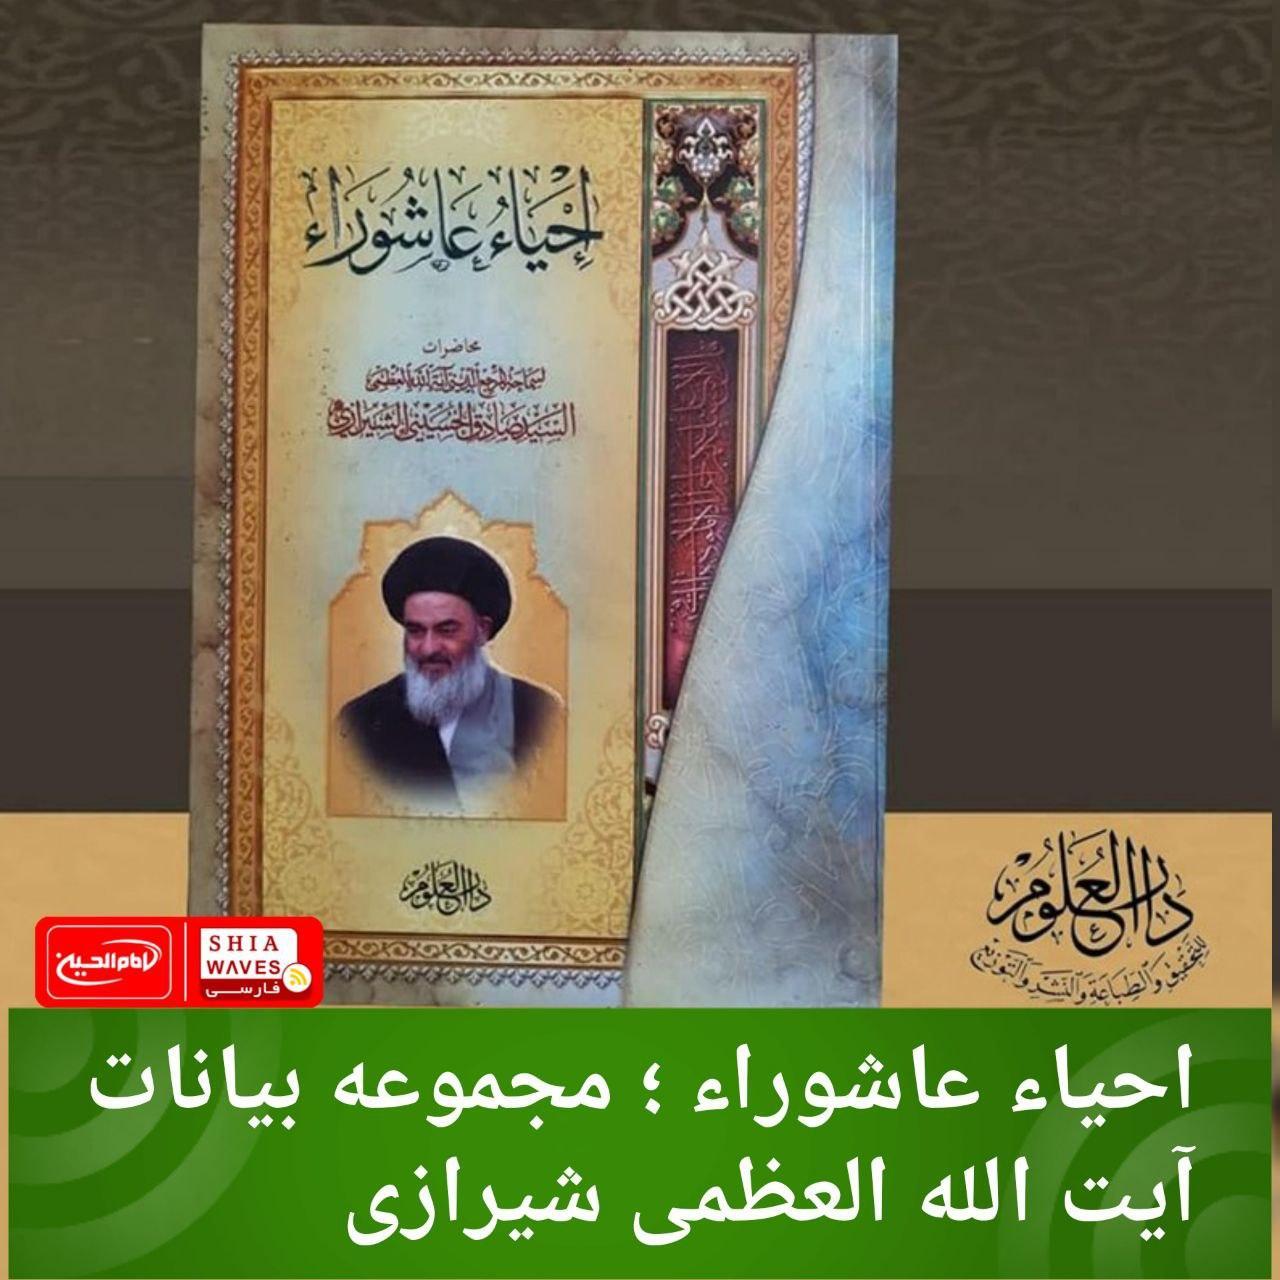 تصویر احیاء عاشوراء ؛ مجموعه بیانات آیت الله العظمی شیرازی